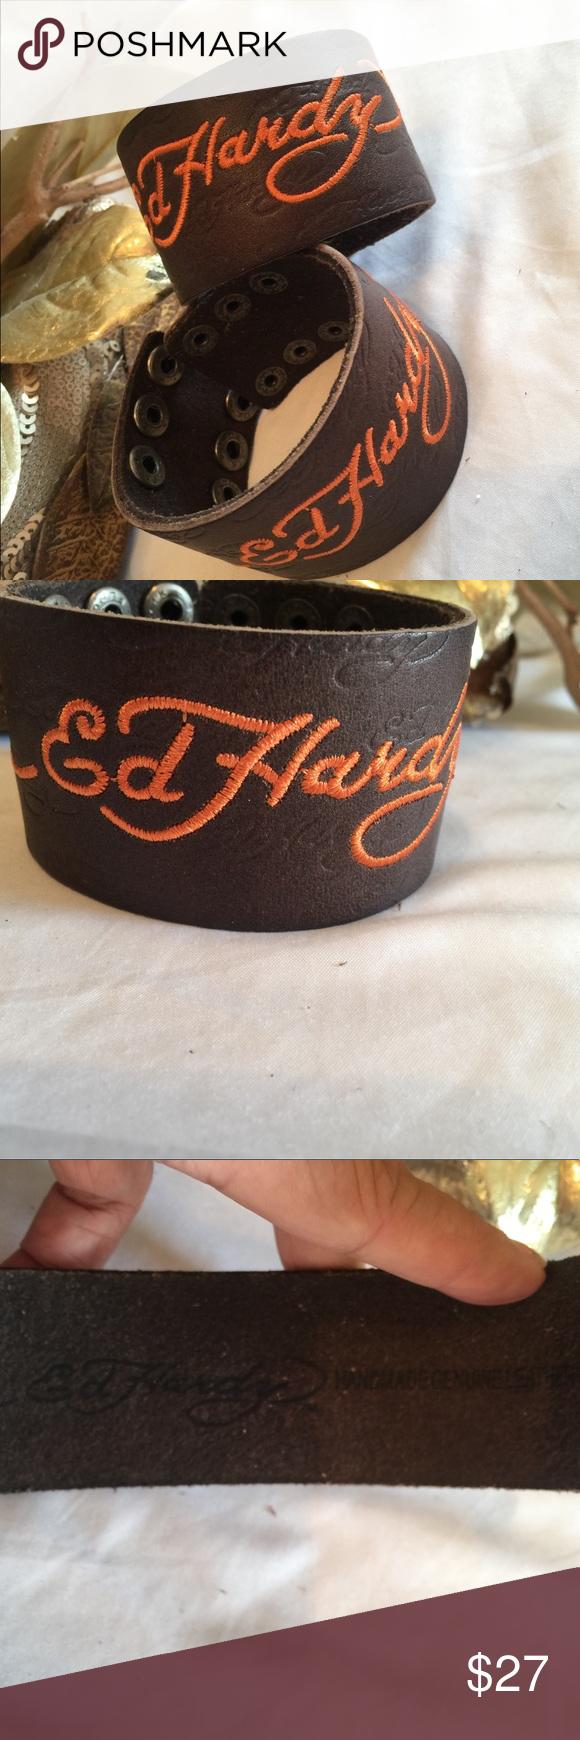 Leather Baseball Bracelet.Embroidered Number